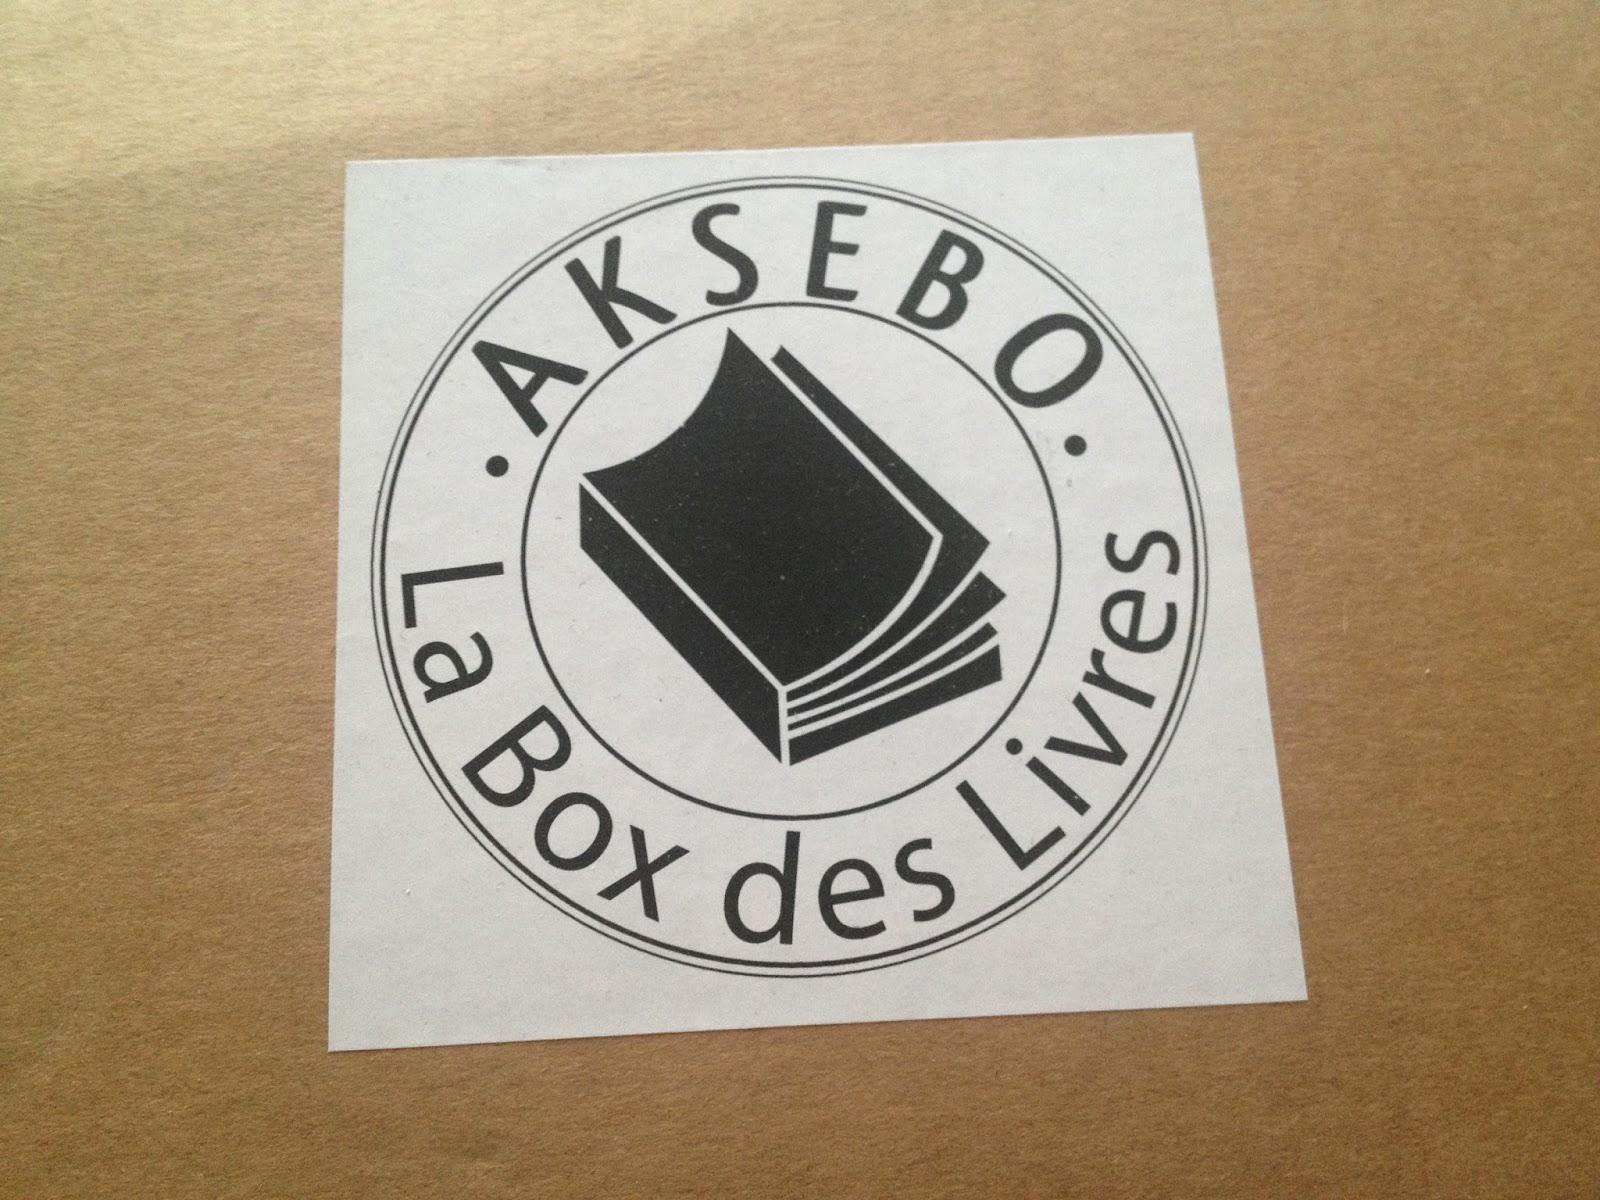 Testé pour vous #2 : la box livres Aksebo